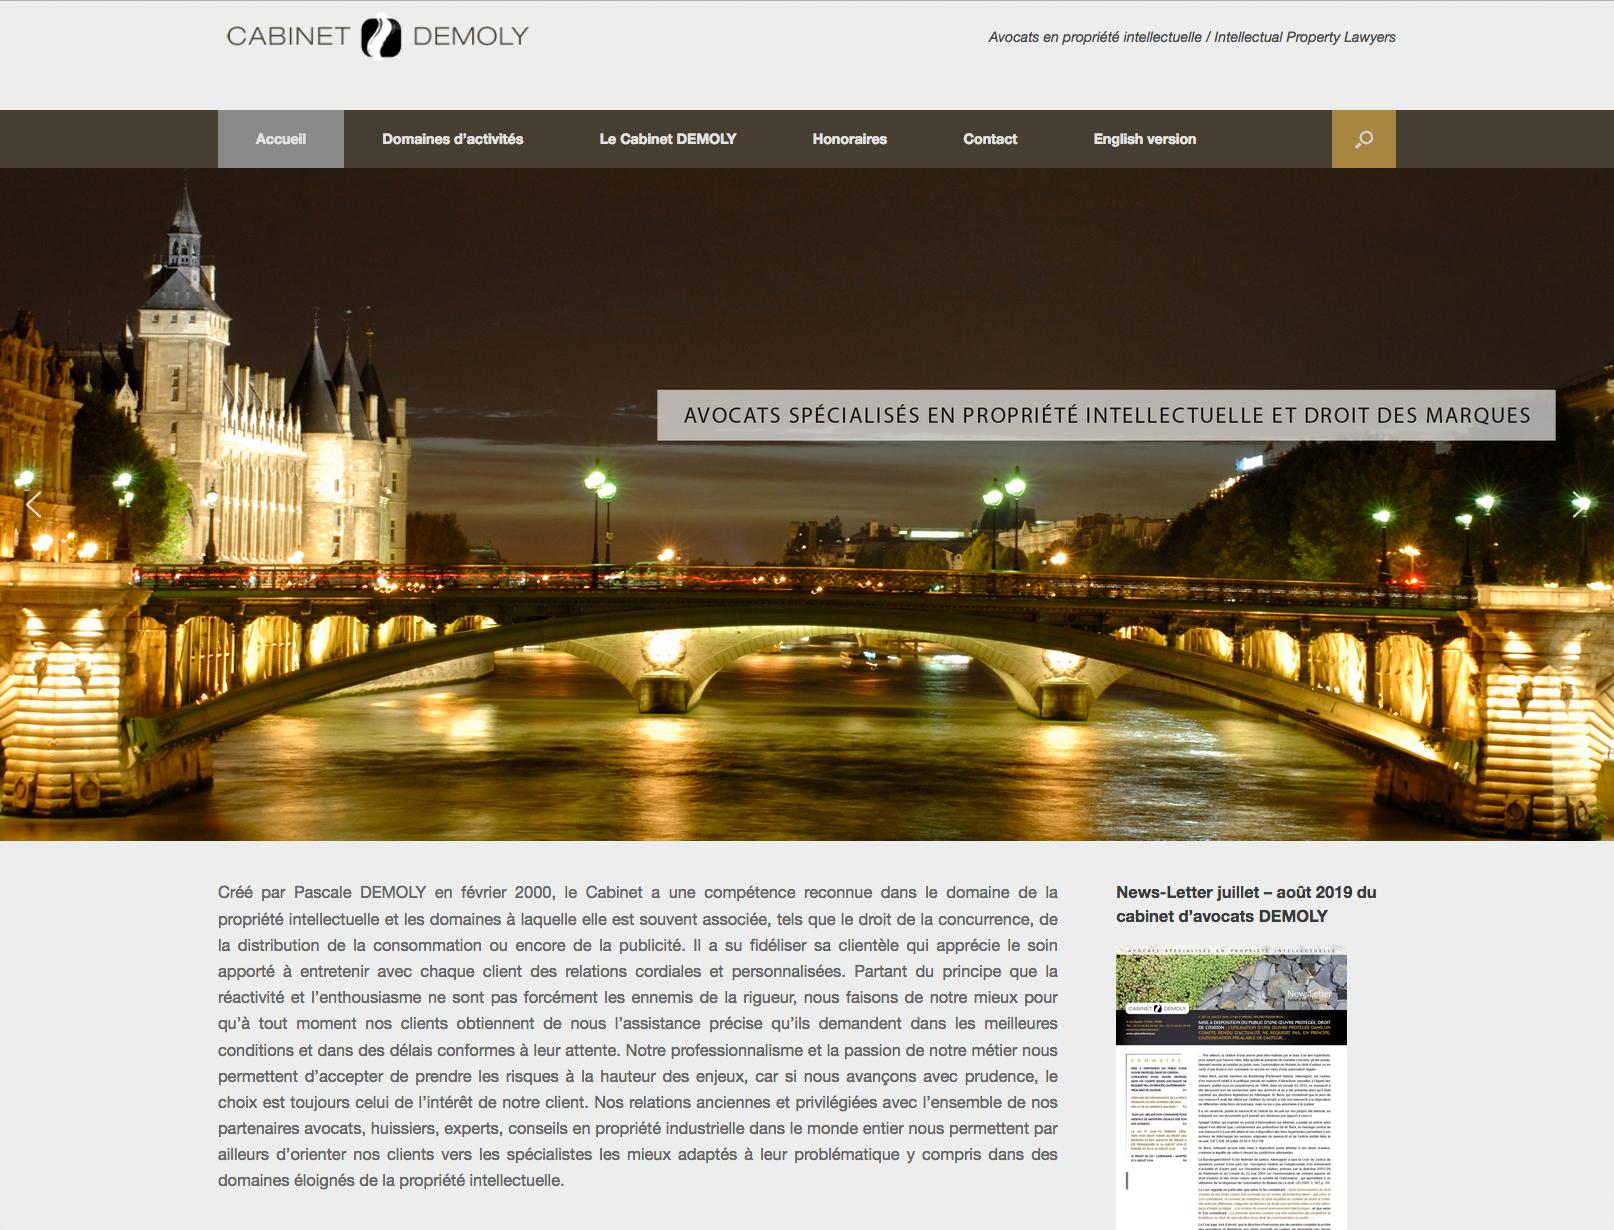 Site web avocats spécialisés en propriété intellectuelle